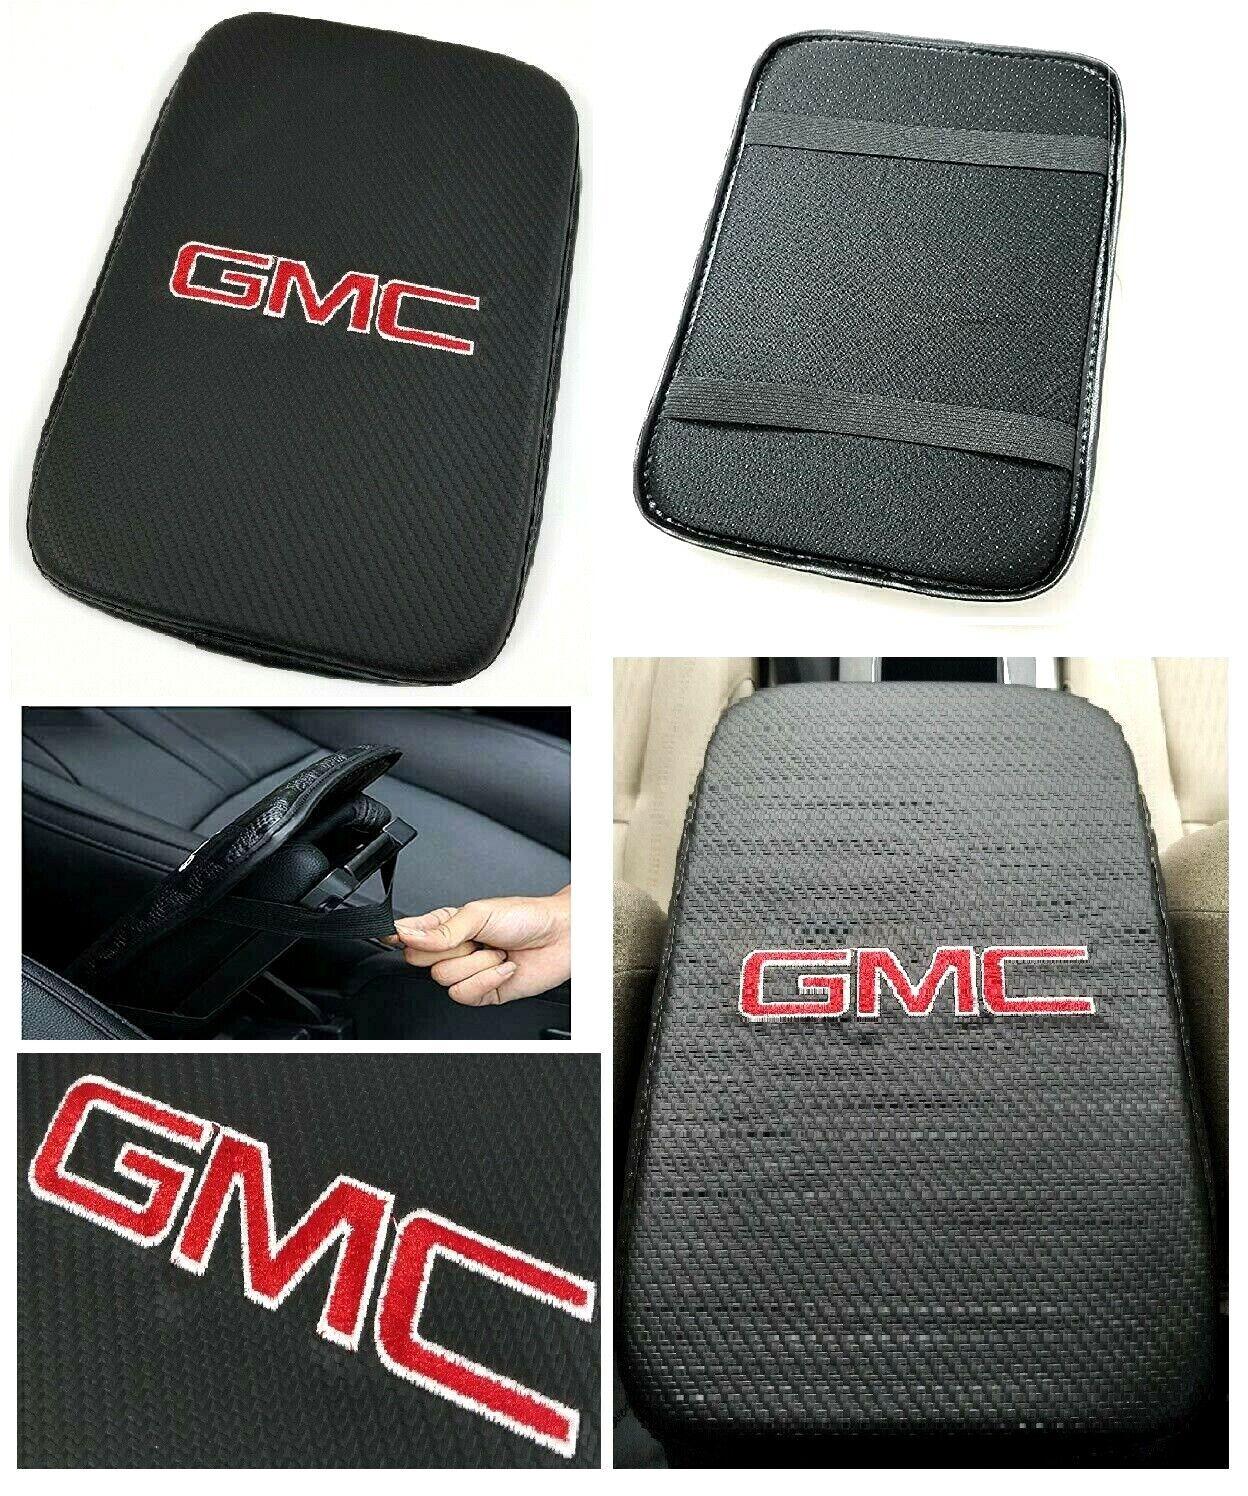 Car Parts - UNIVERSAL GMC Carbon Fiber Car Center Console Armrest Cushion Mat Pad Cover